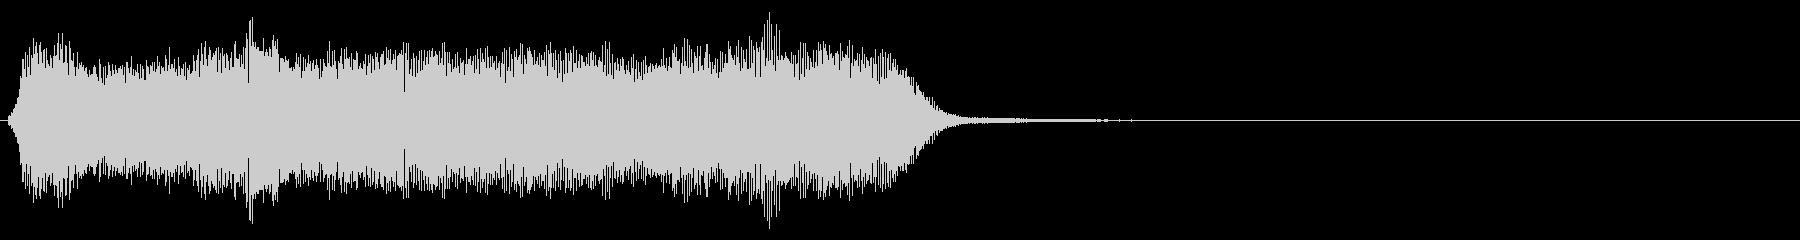 汎用12 アーメン(パイプオルガン)の未再生の波形